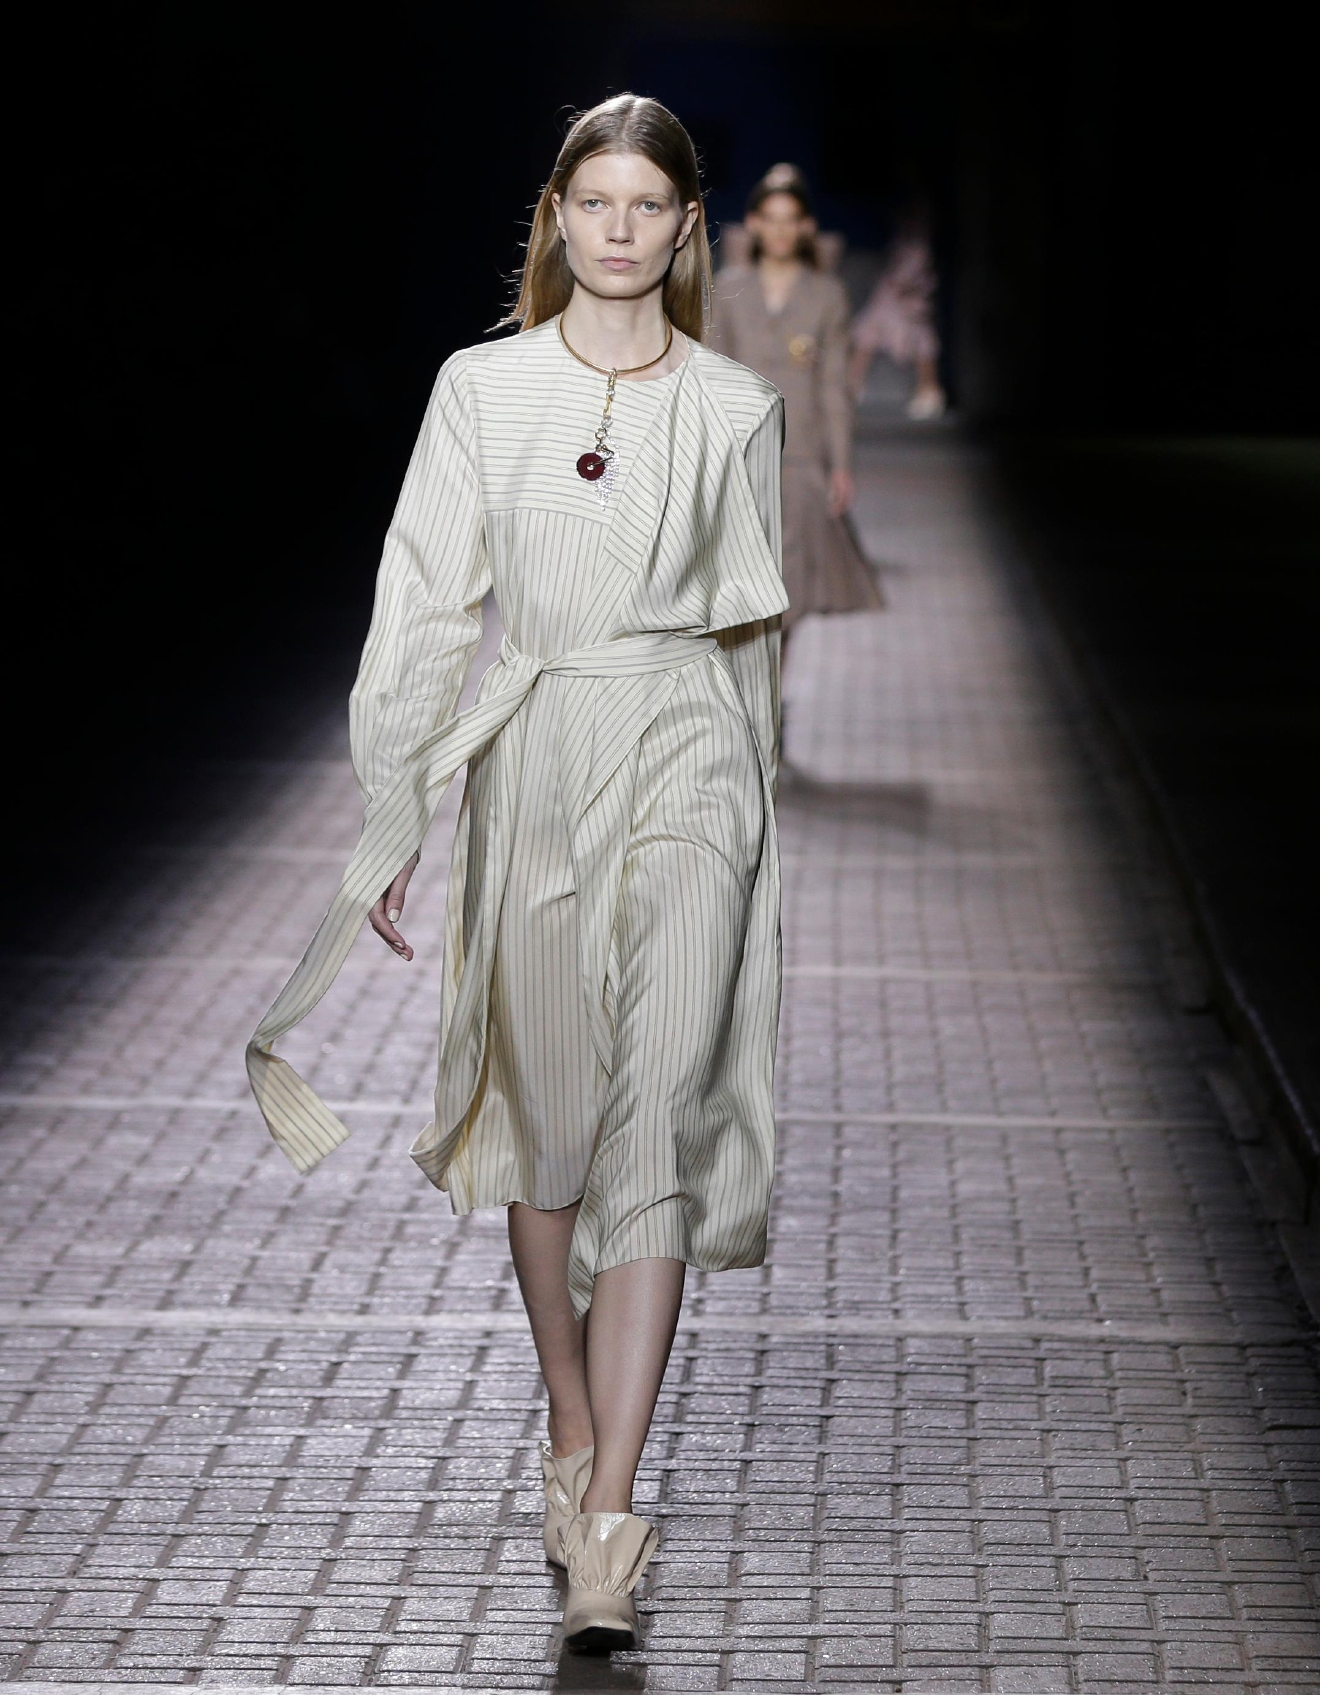 Models at london fashion week 54